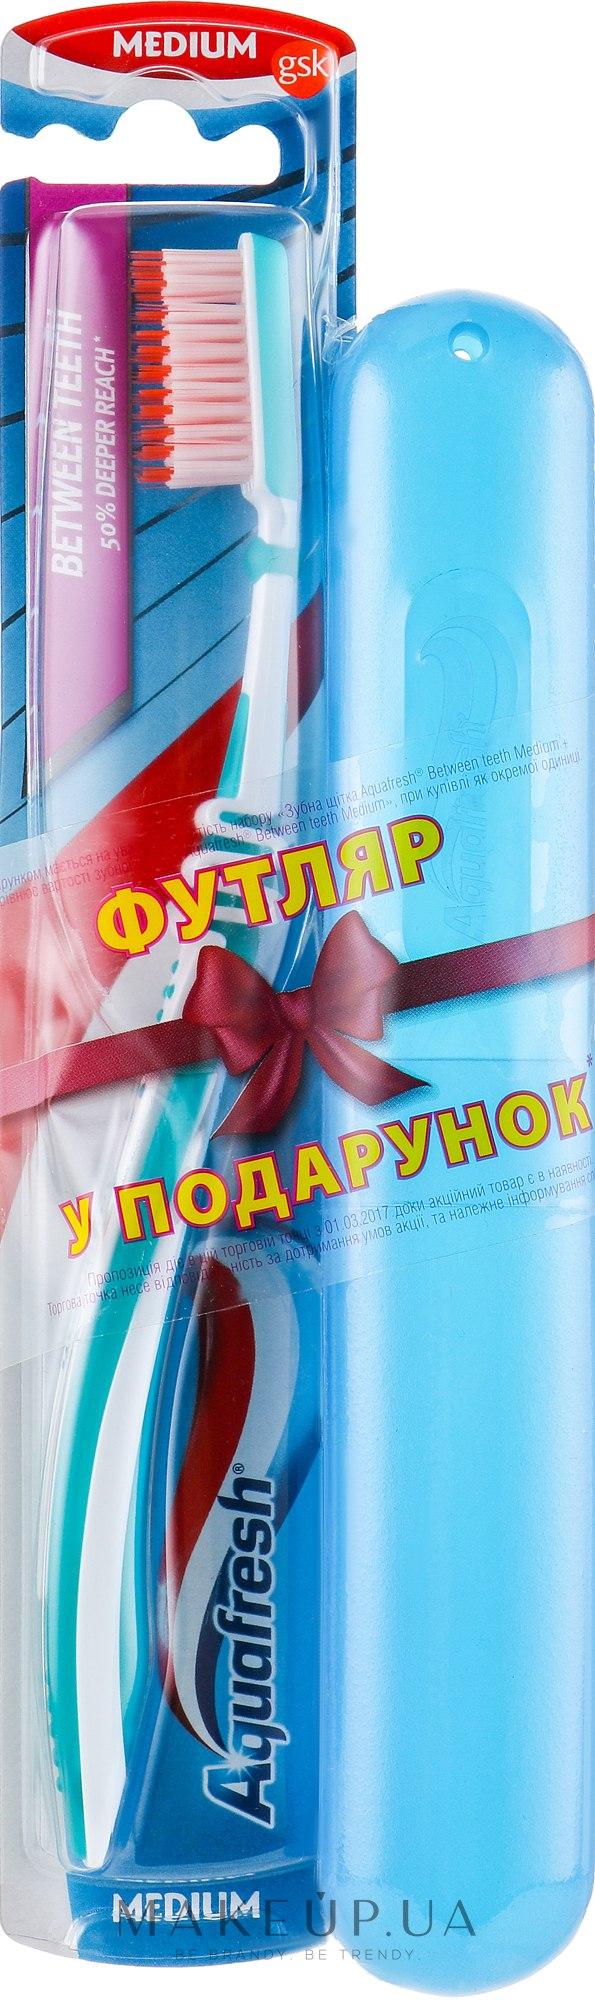 MAKEUP  dc27ac86678b6